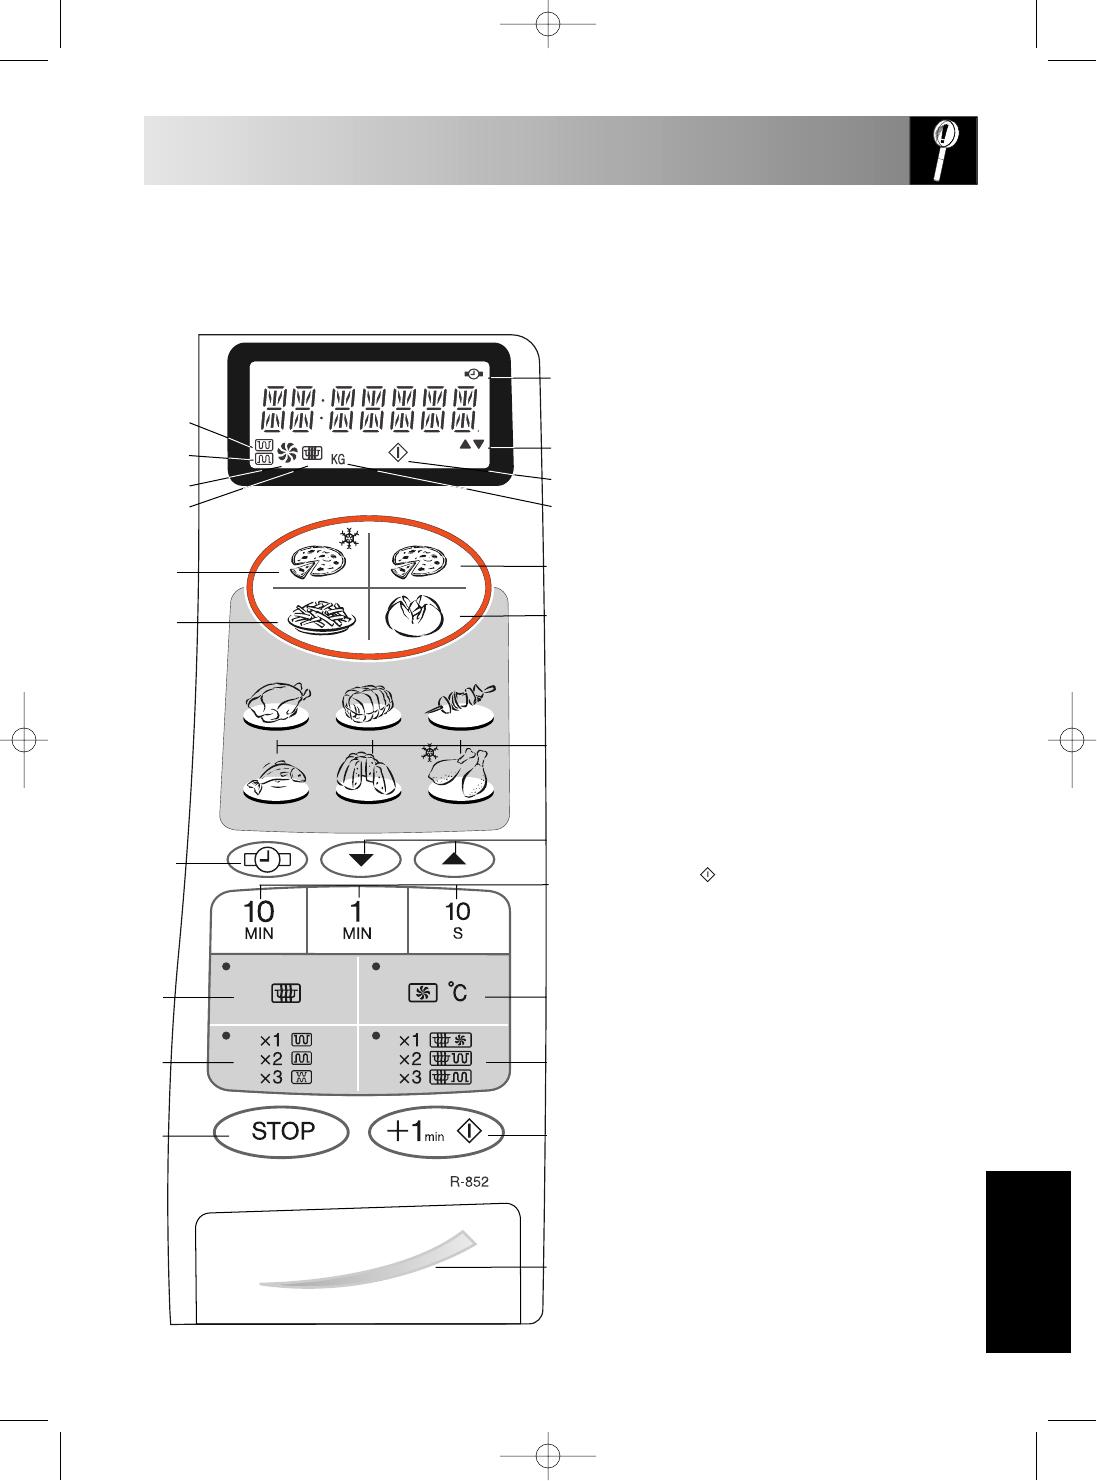 Digital display and indicators